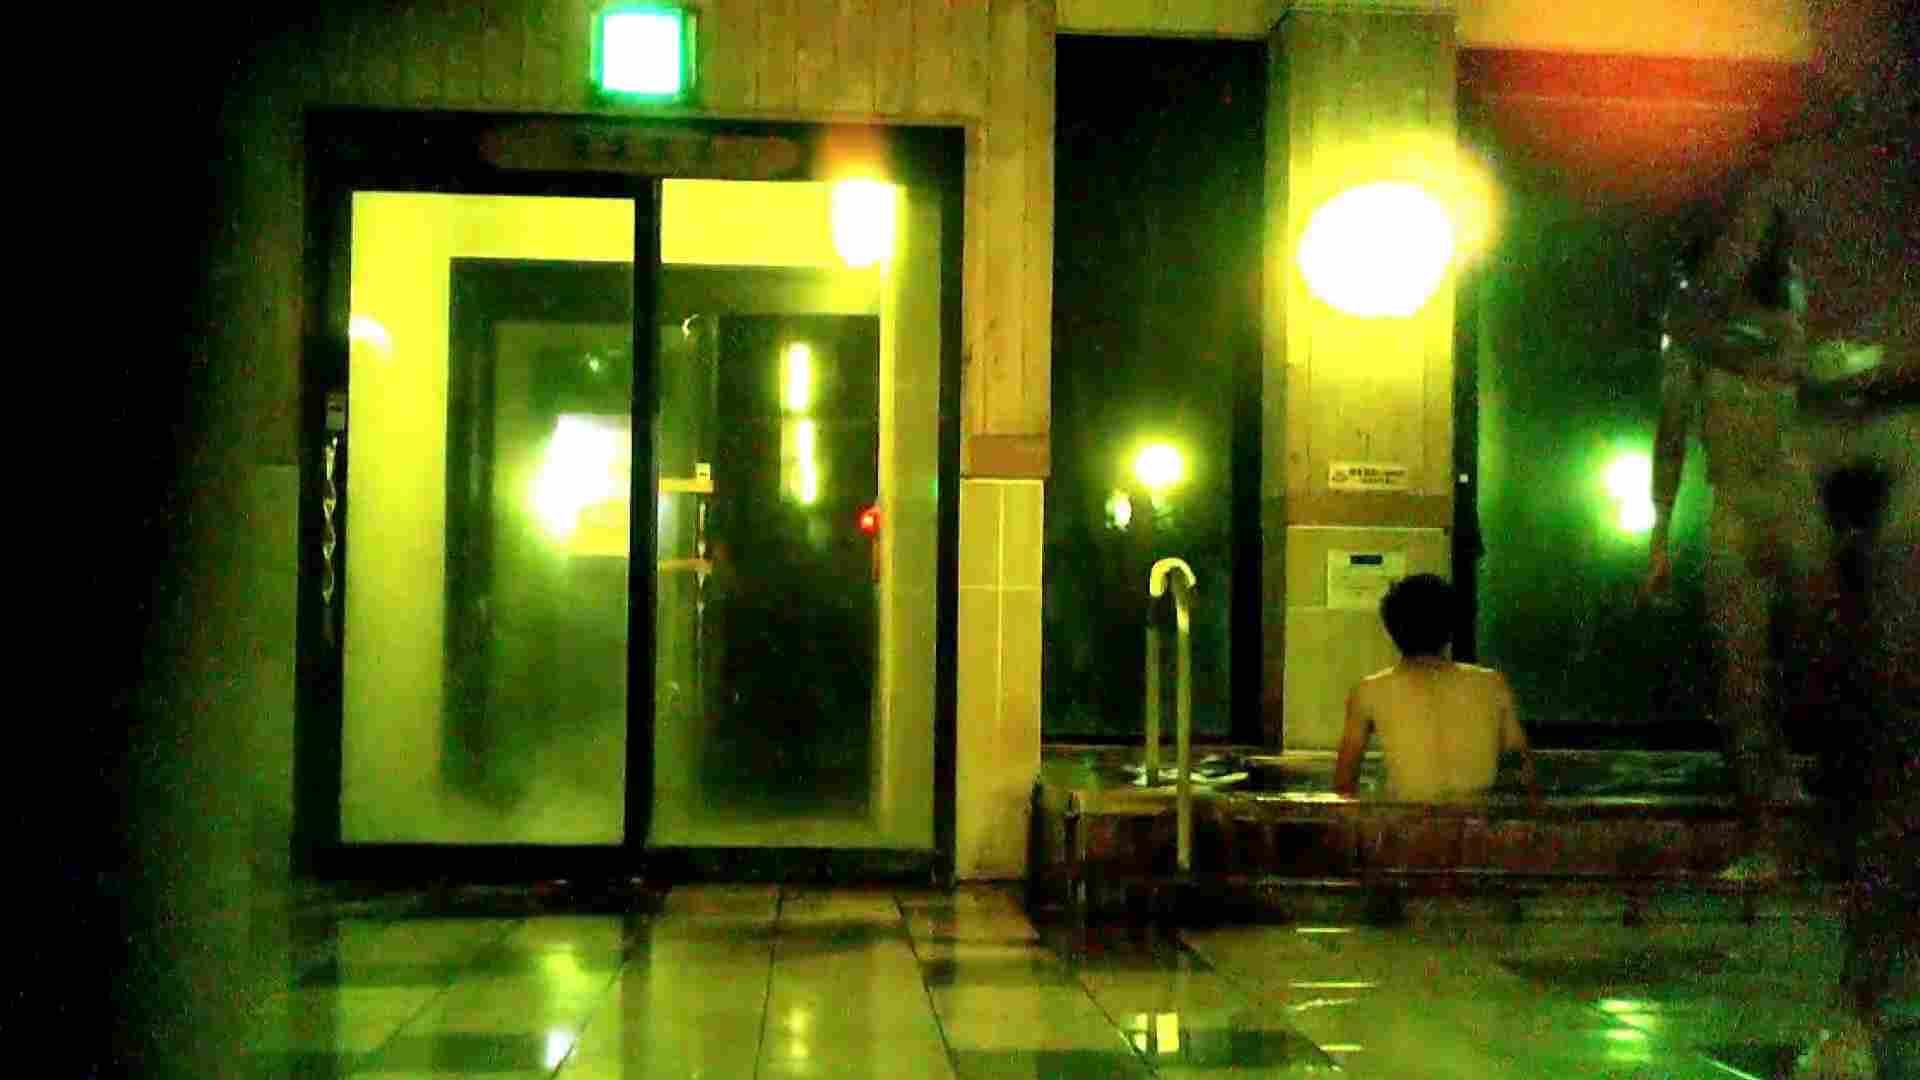 行くぜ!がっつり男風呂!Vol.25 イケメン合体 ゲイモロ見え画像 110連発 86